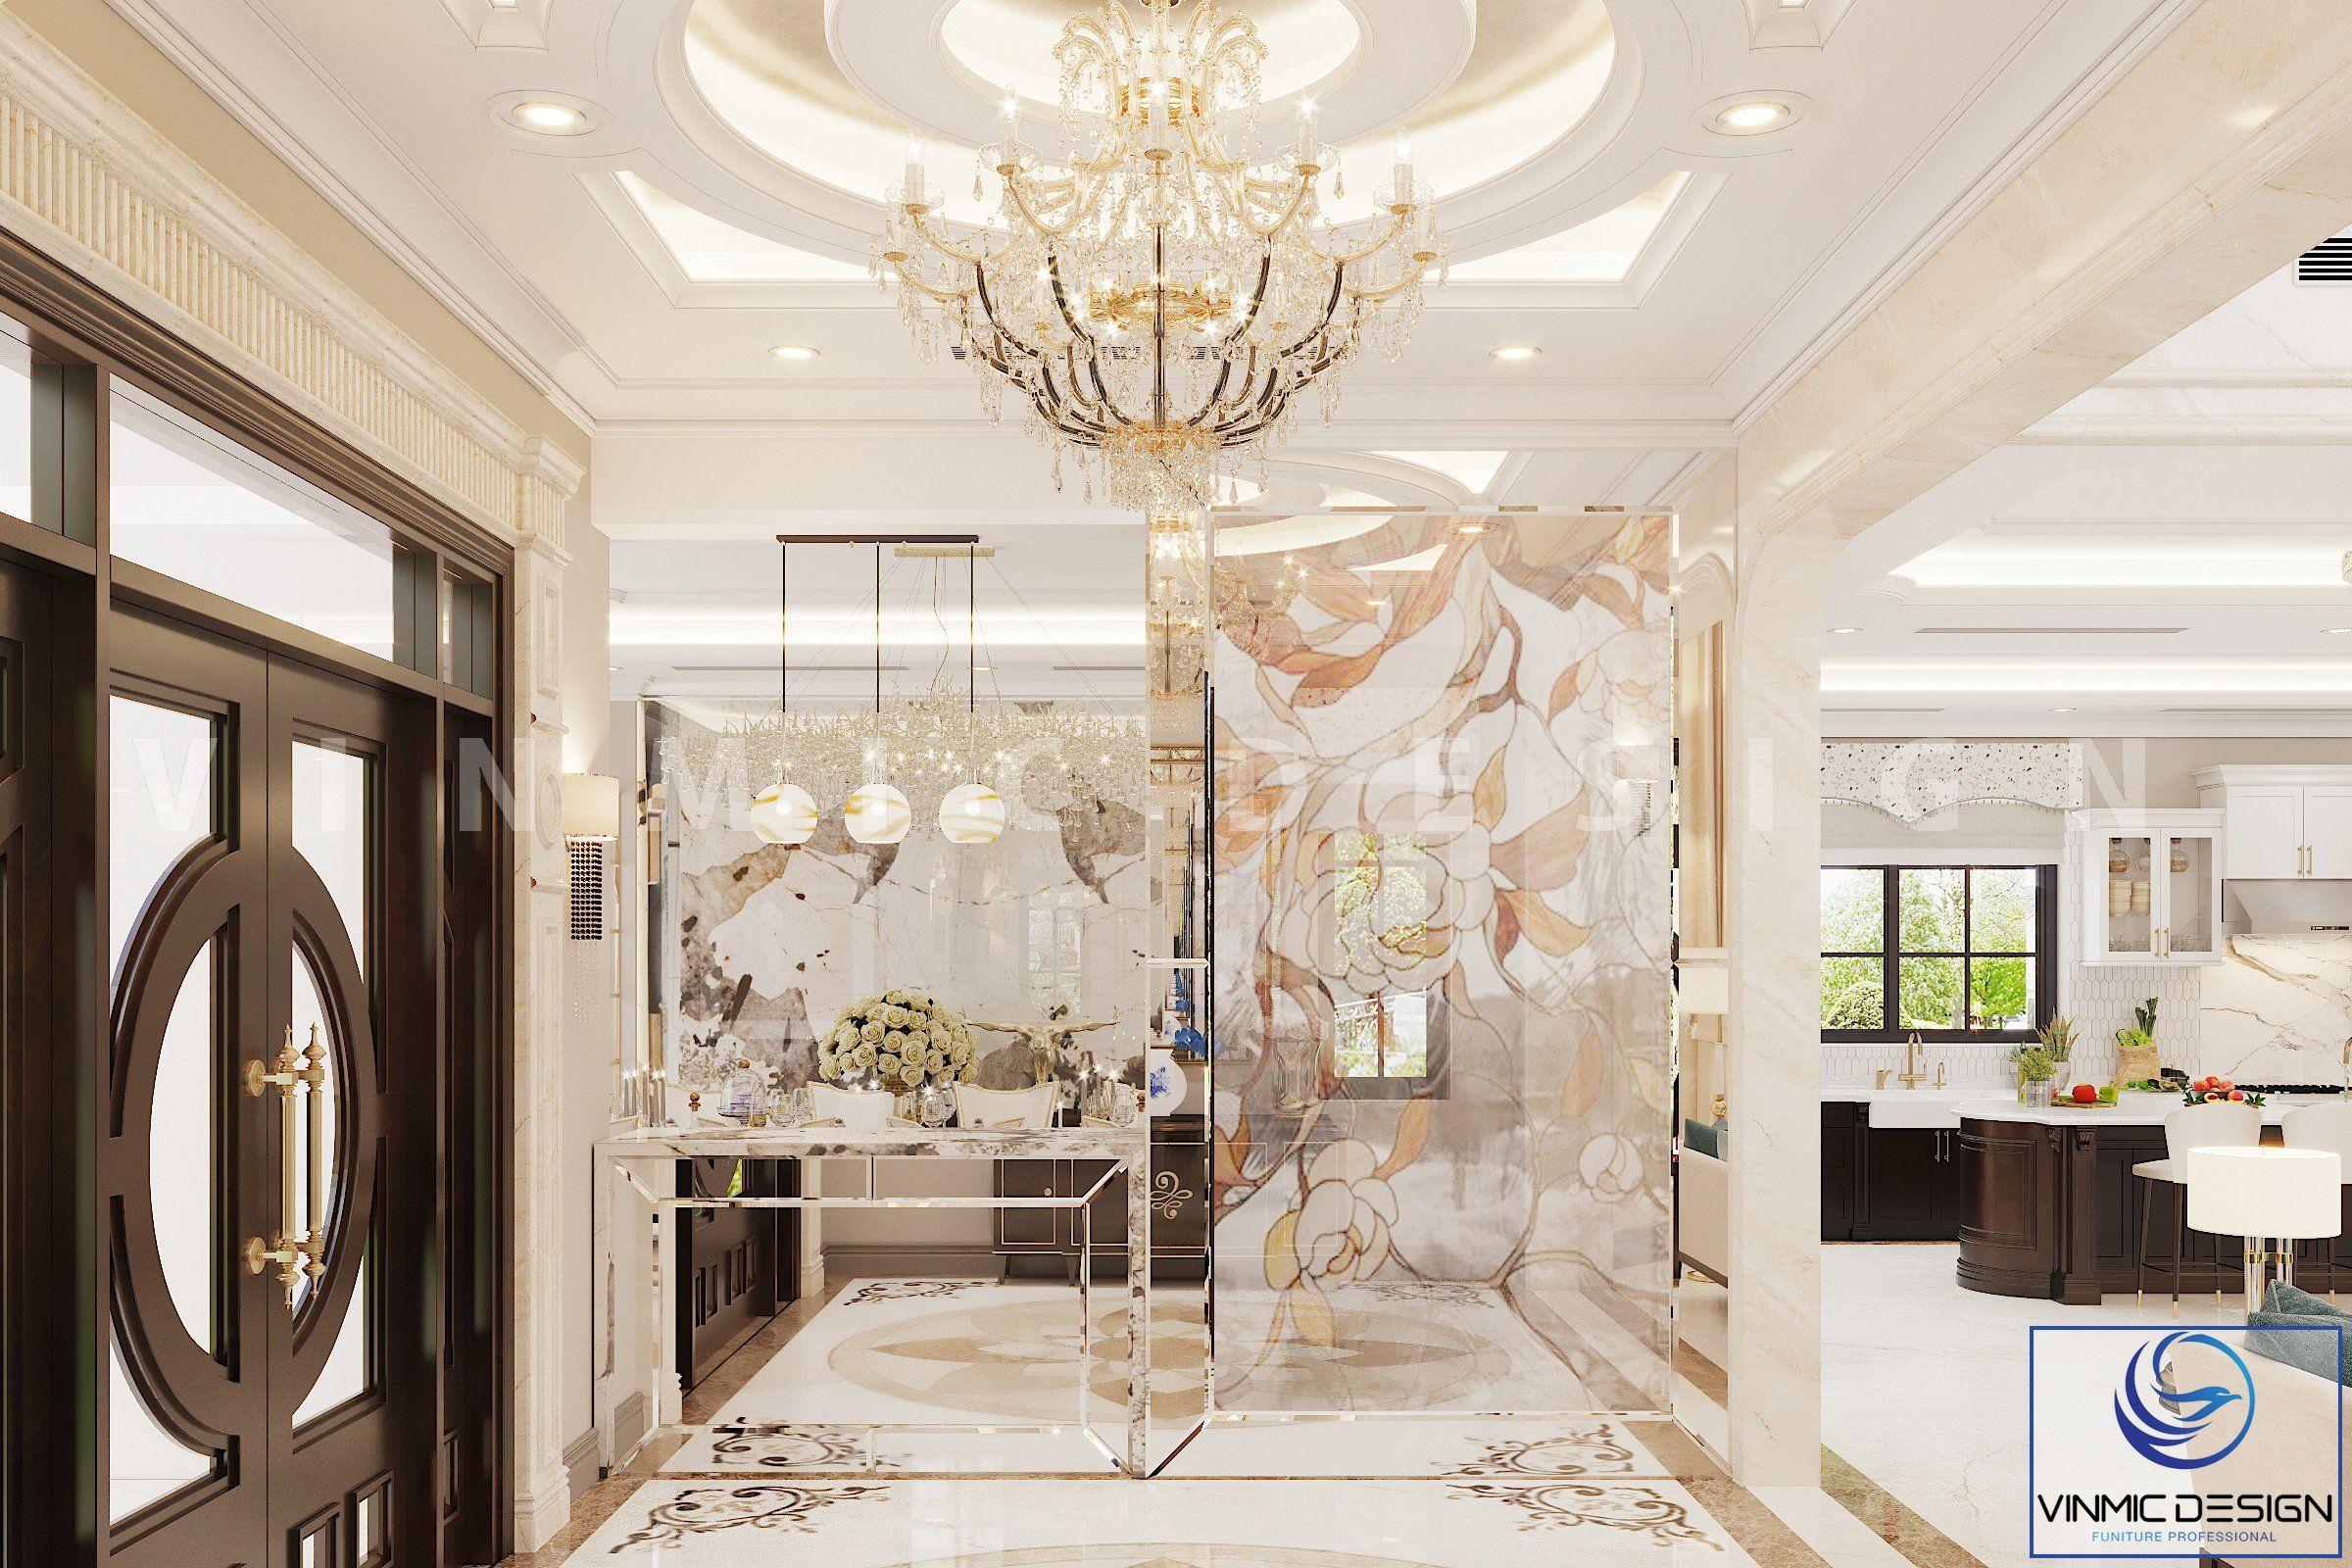 Sảnh được thiết kế mang vẻ đẹp tráng lệ tại căn biệt thự Vinhomes Imperia Hải Phòng